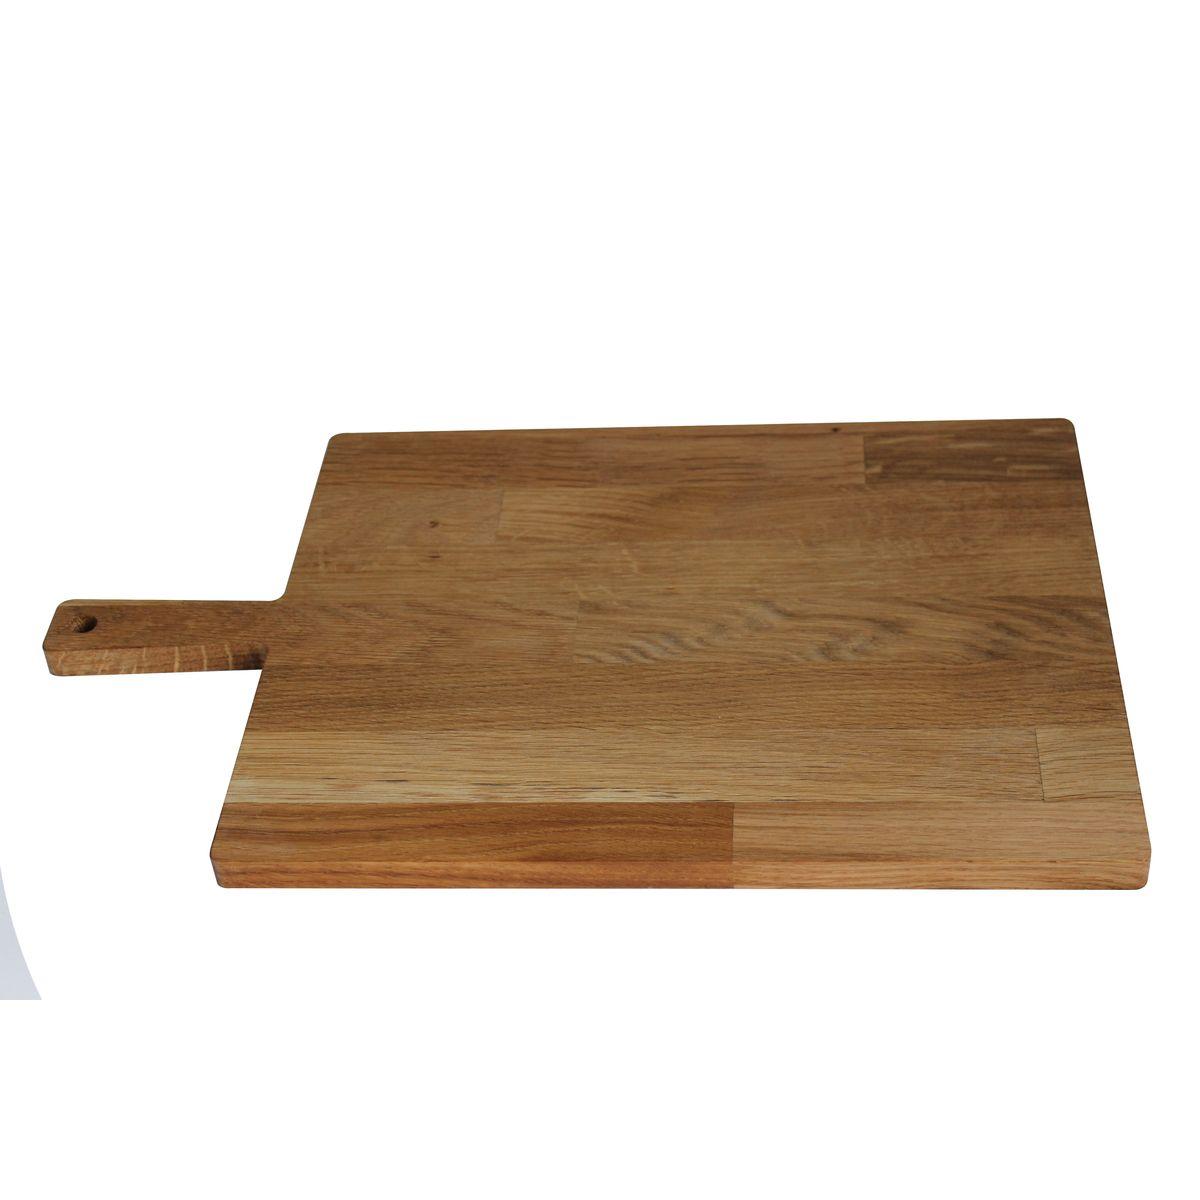 Planche à découper avec poignée chêne huilé 38 x 22,5 cm - Roger Orfevre